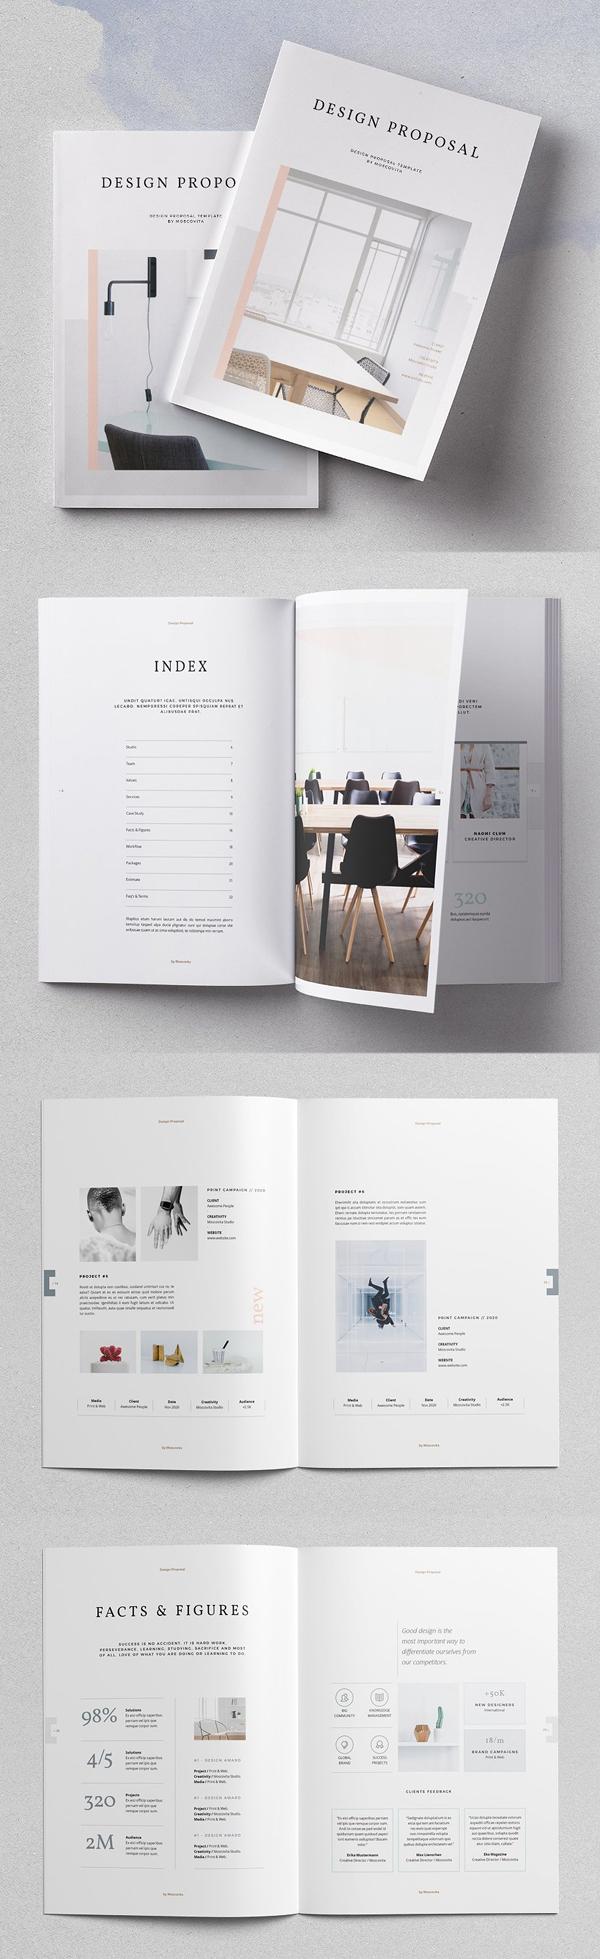 Diseño de mockups de propuesta de negocio profesional - 9